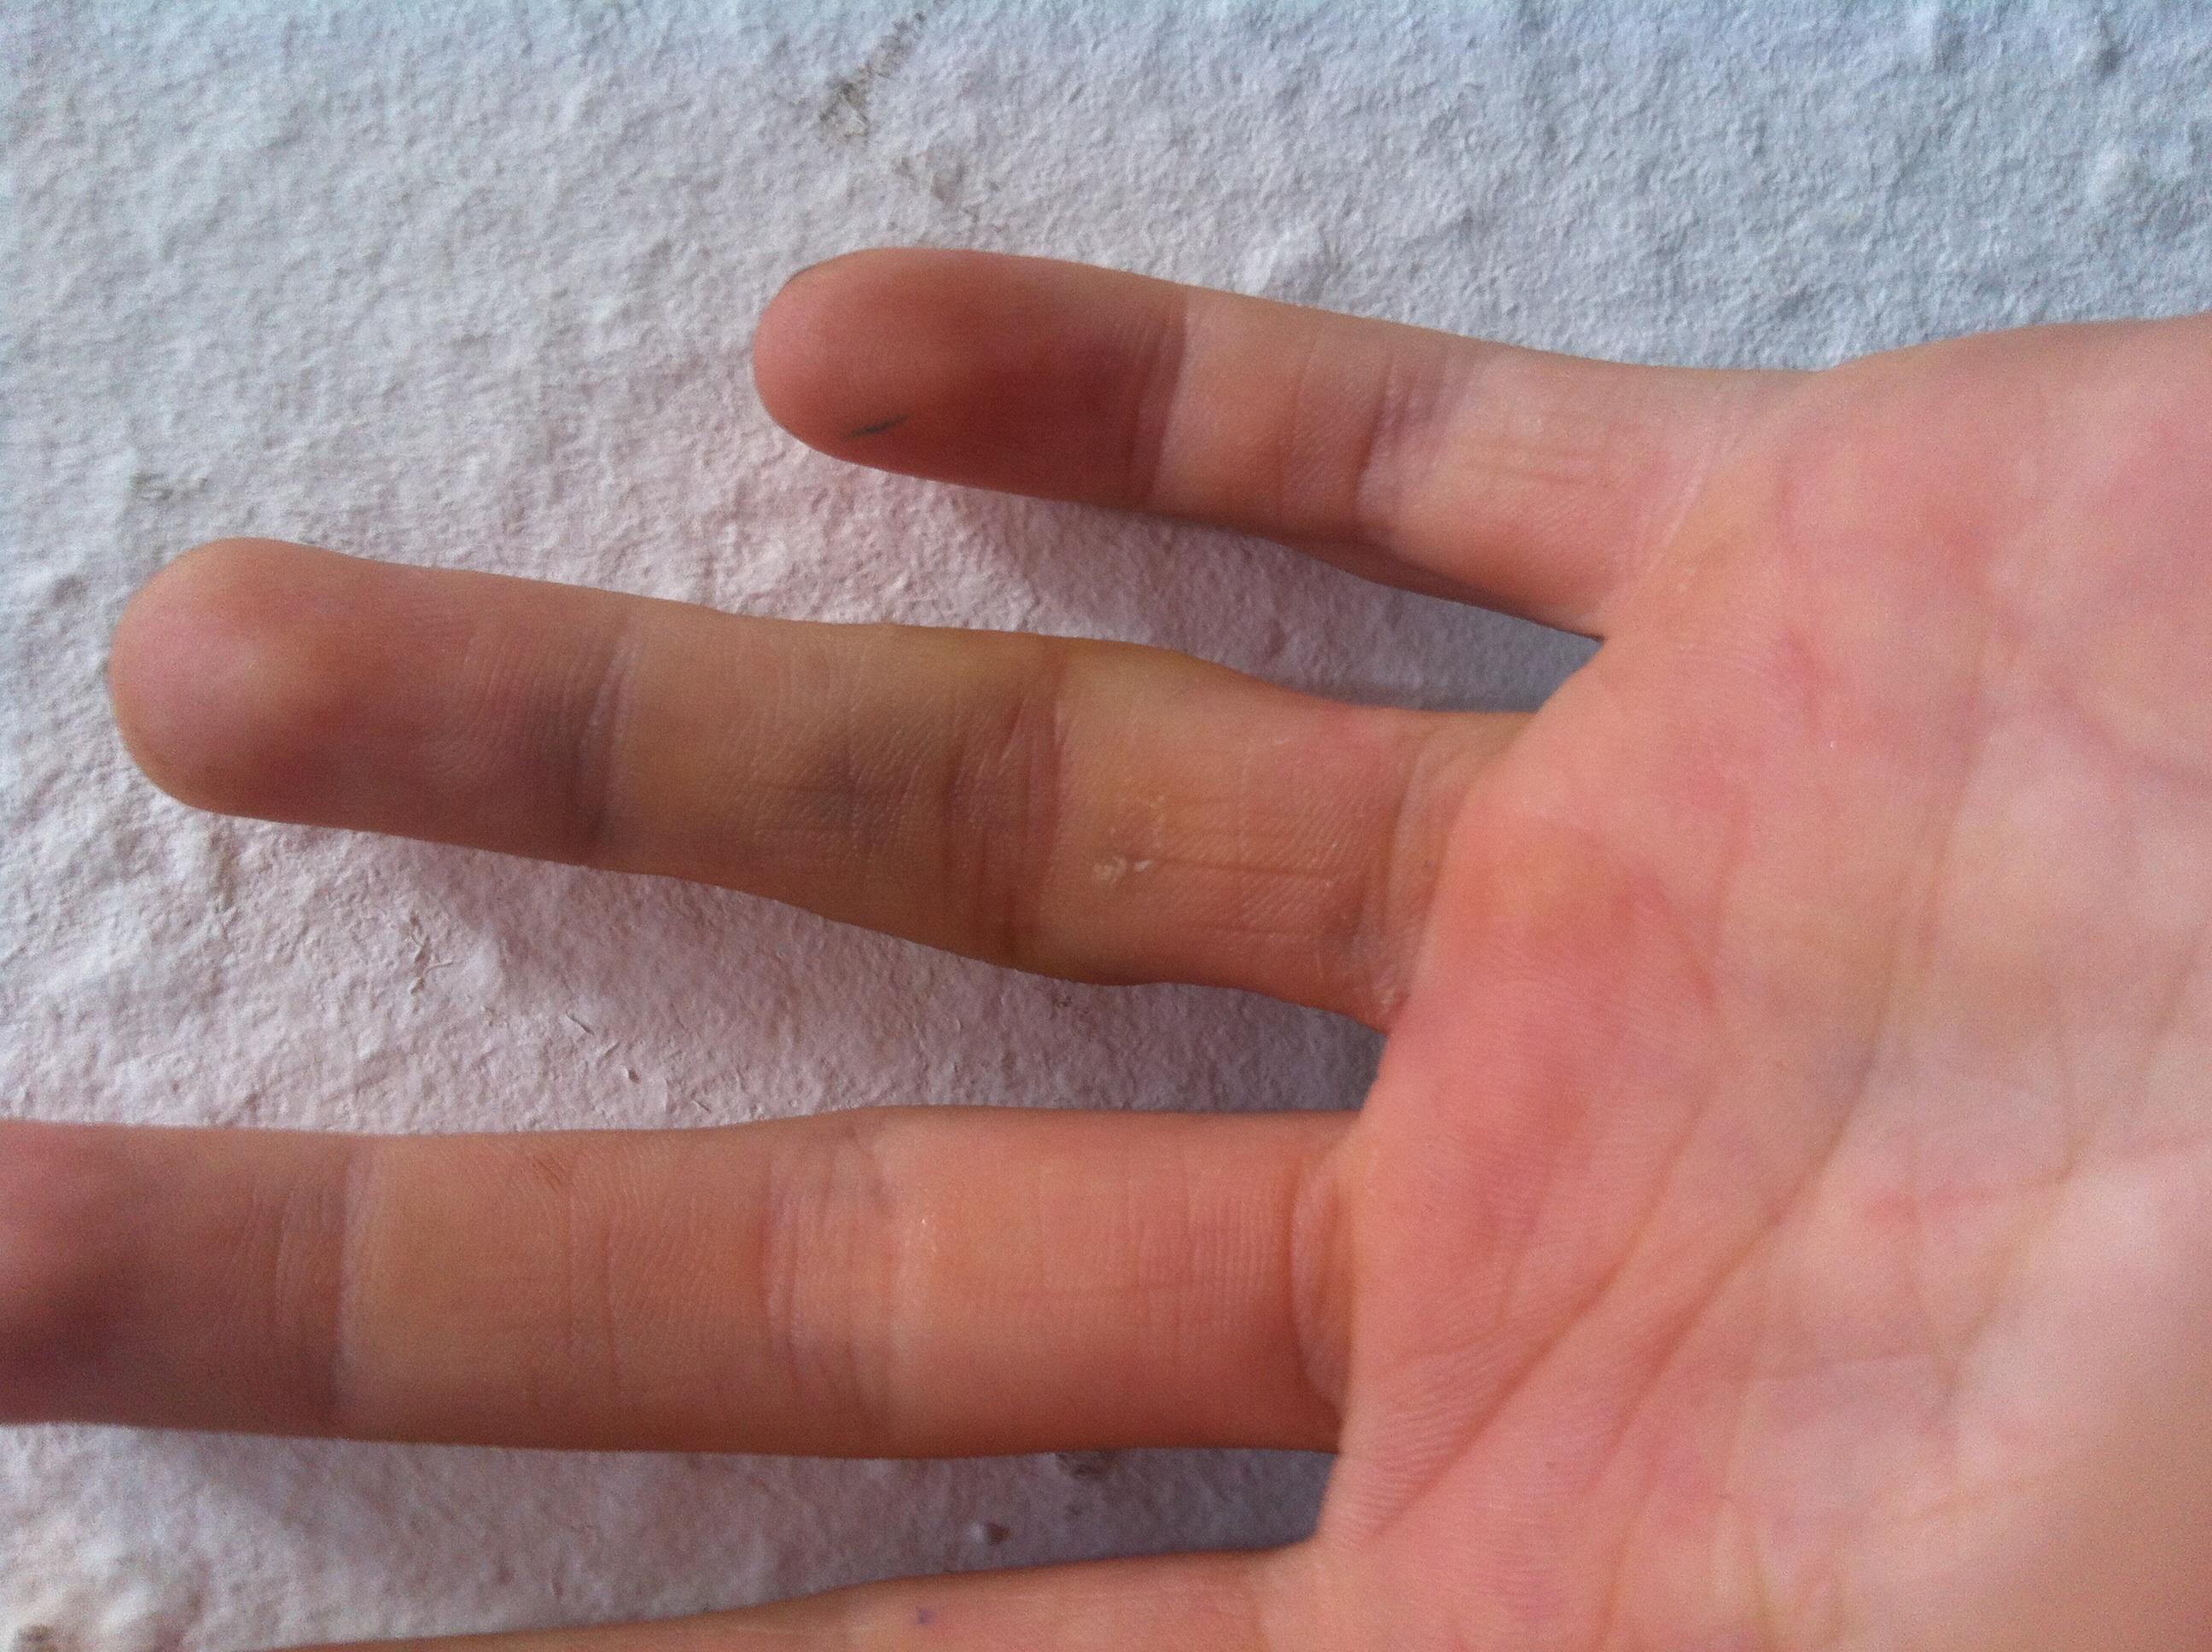 Ring finger verstaucht oder gebrochen